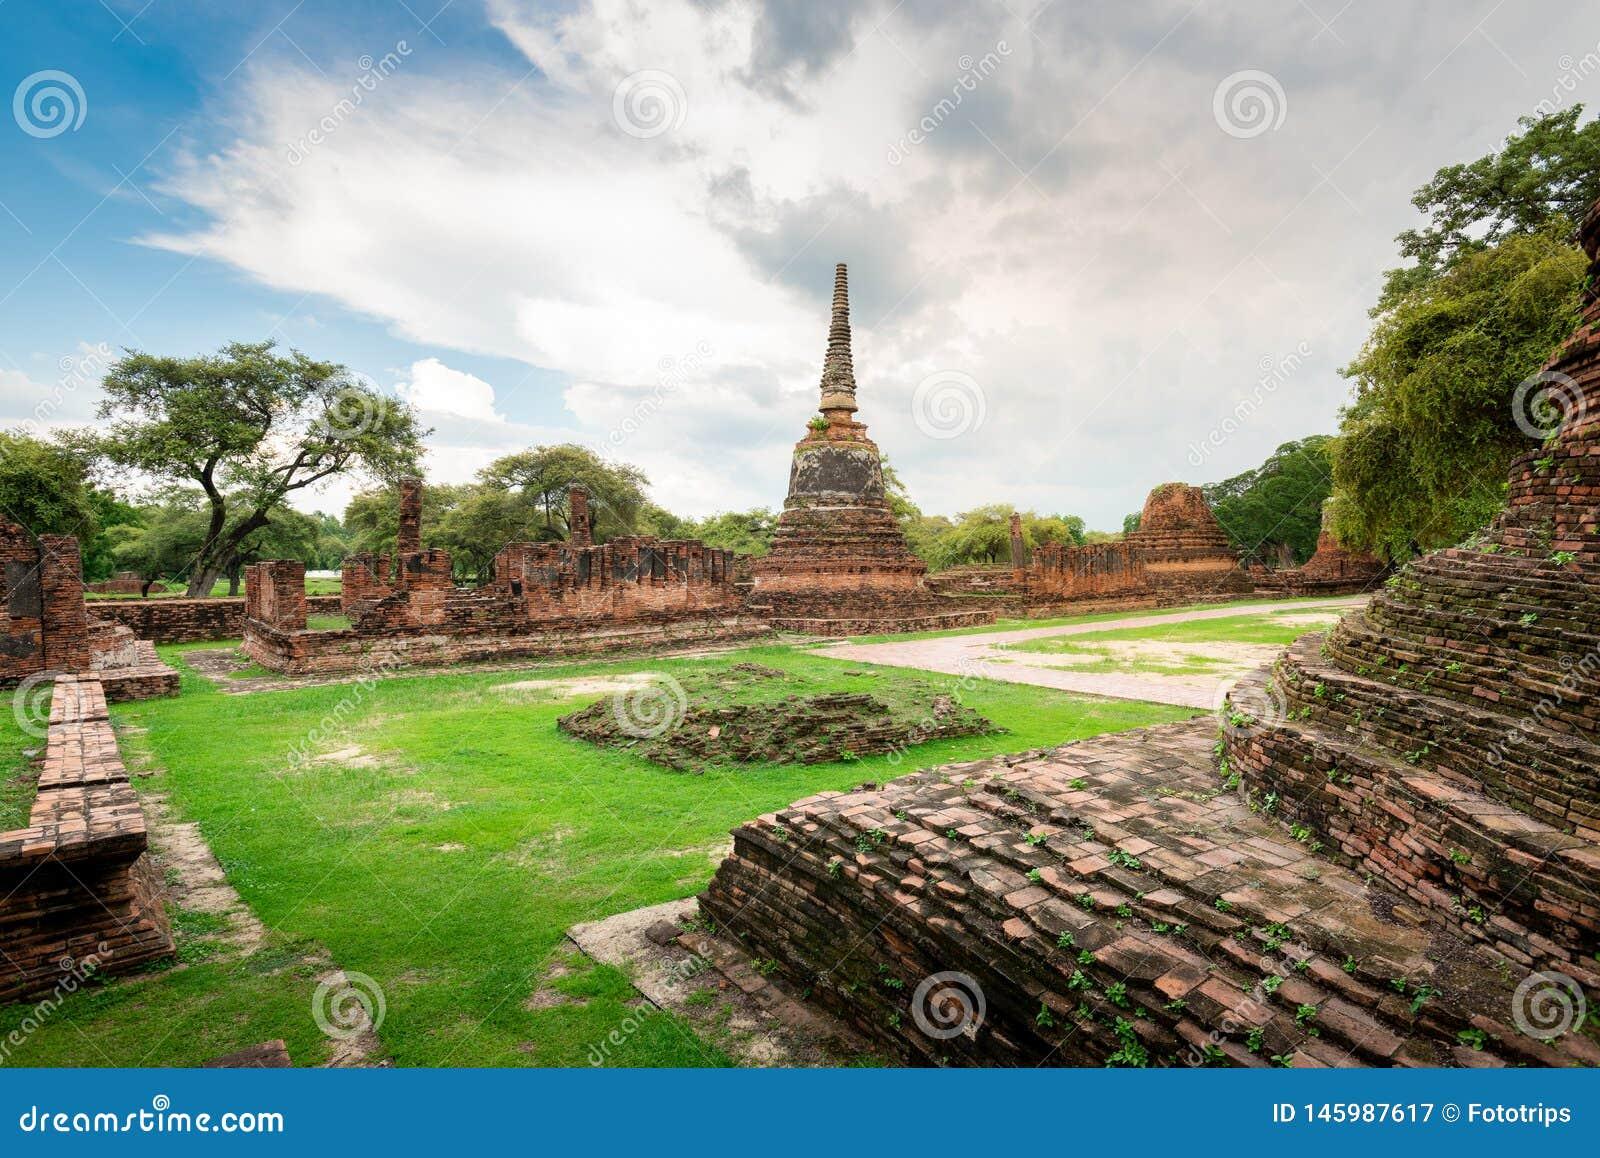 De Tempel van Thailand - Oude pagode in Wat Yai Chai Mongkhon, het Historische Park van Ayutthaya, Thailand